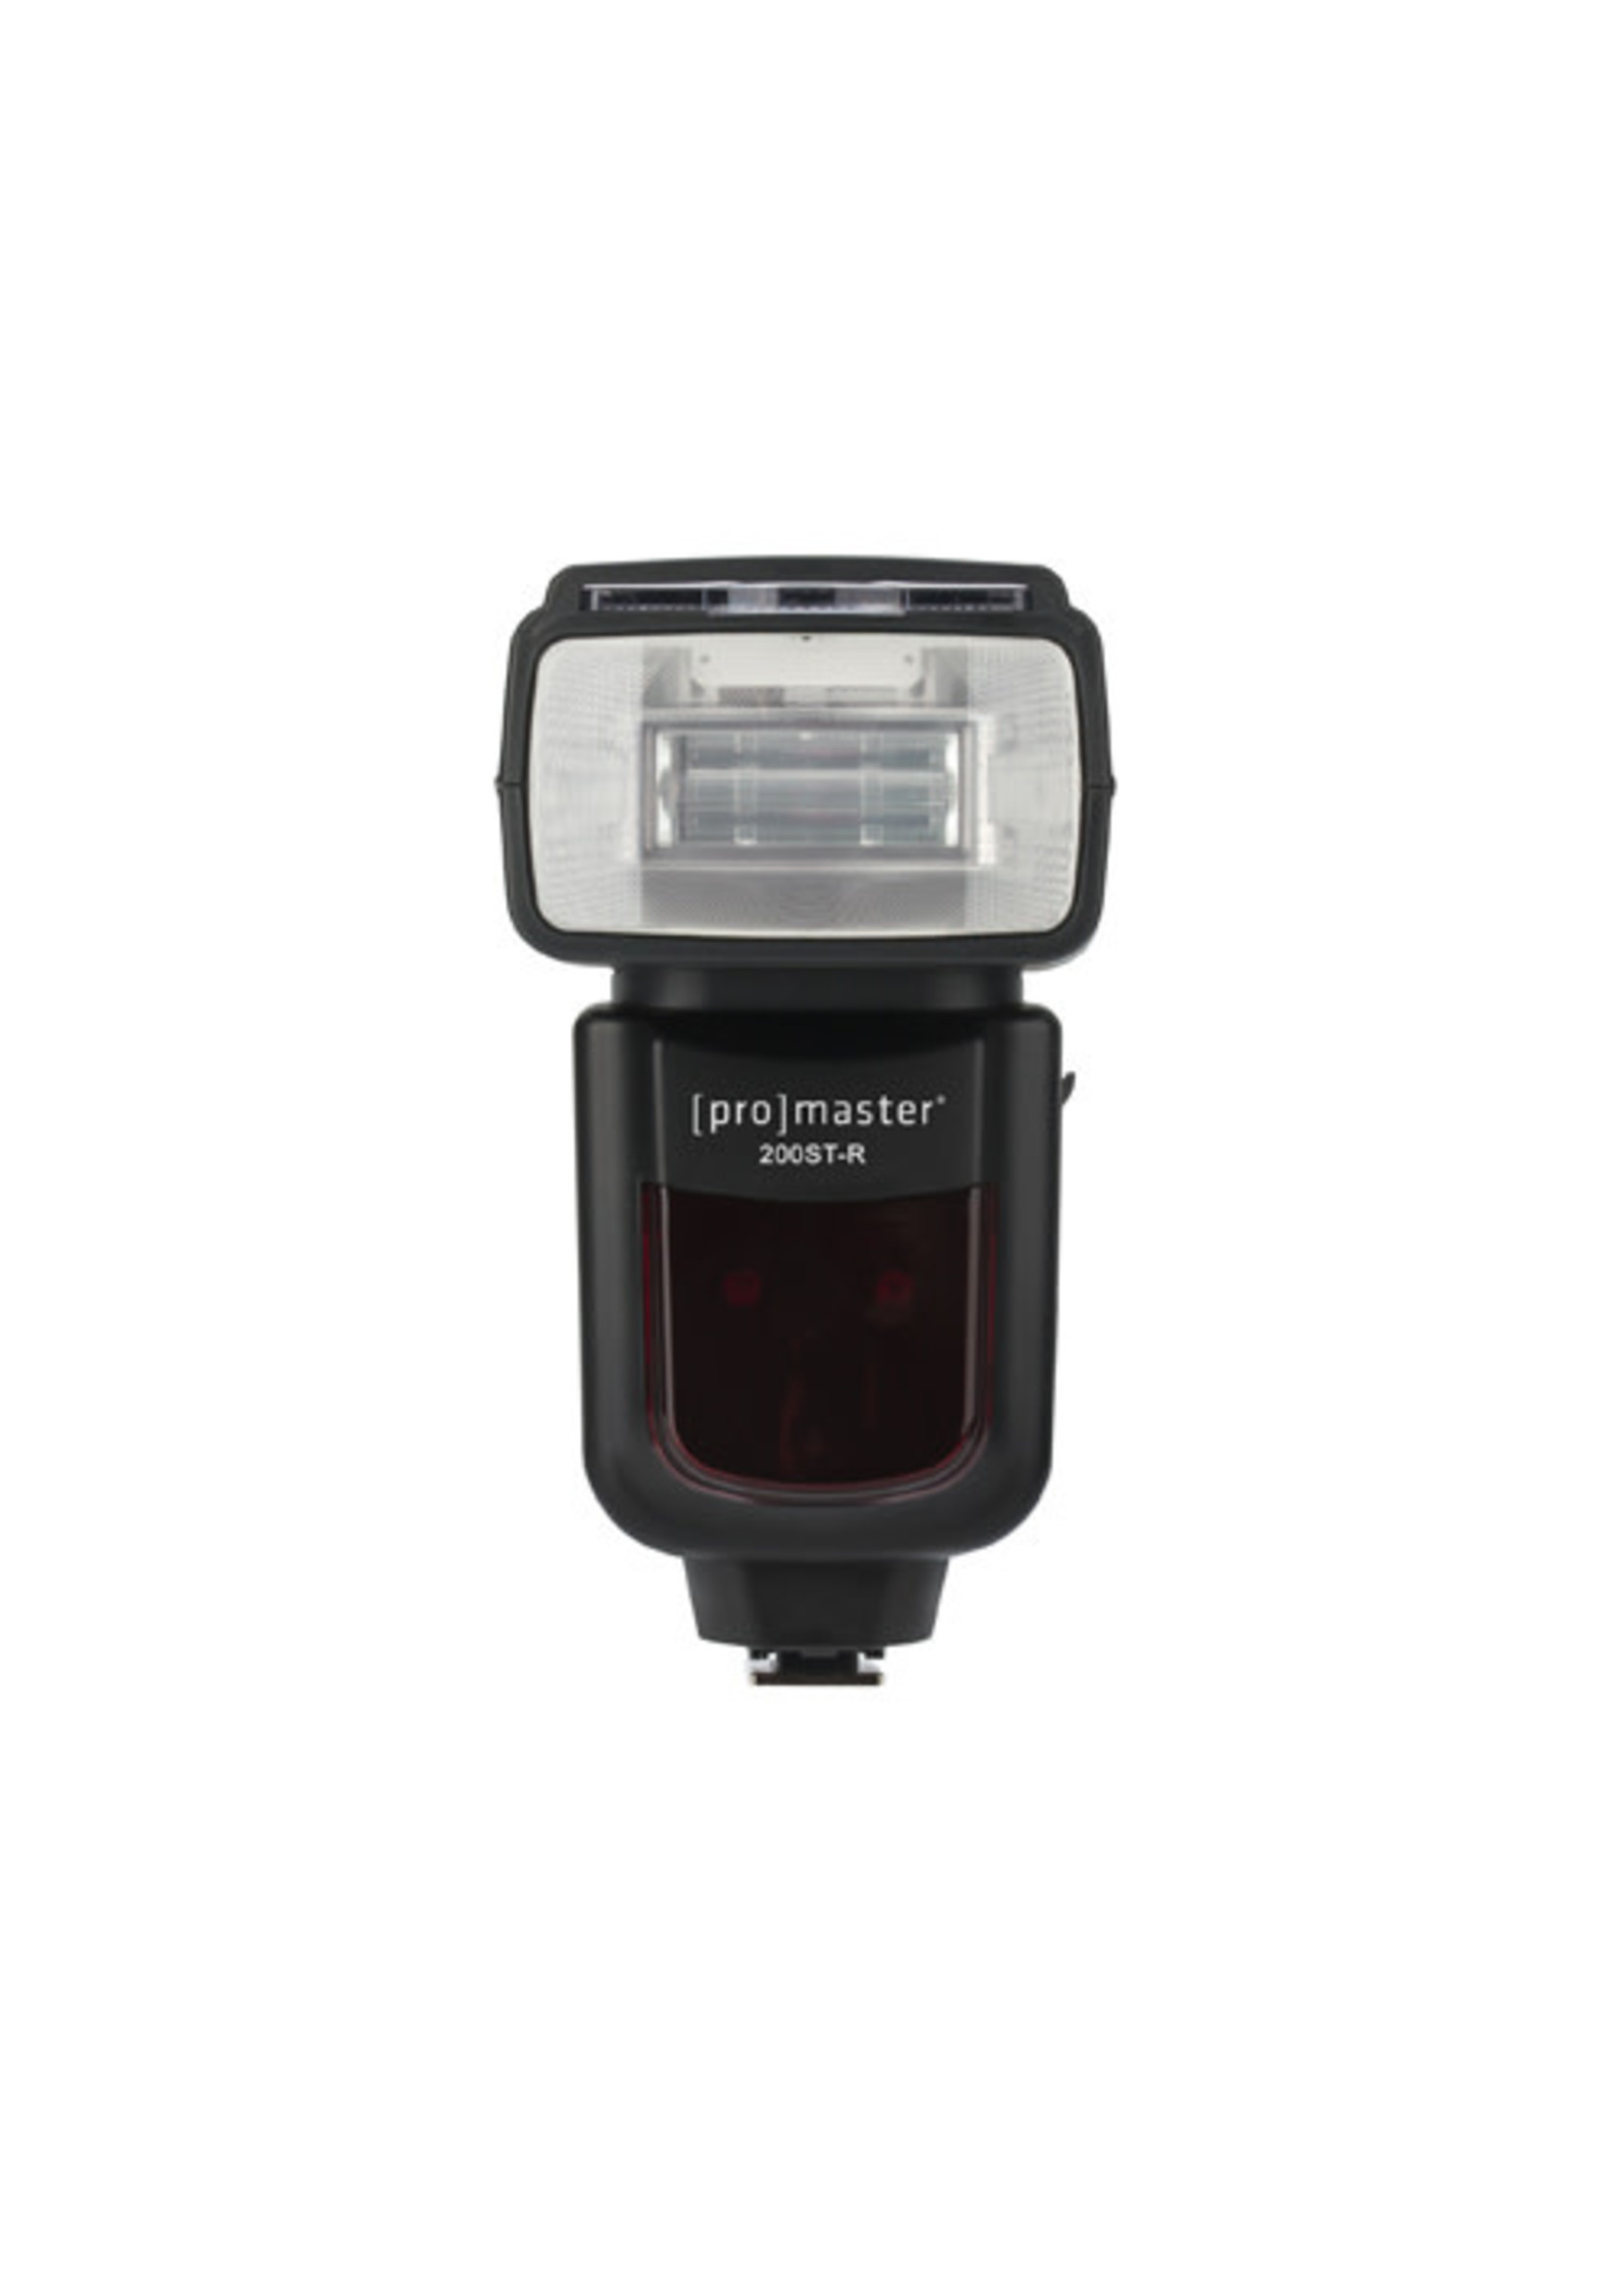 ProMaster 200ST-R SpeedLight - Nikon